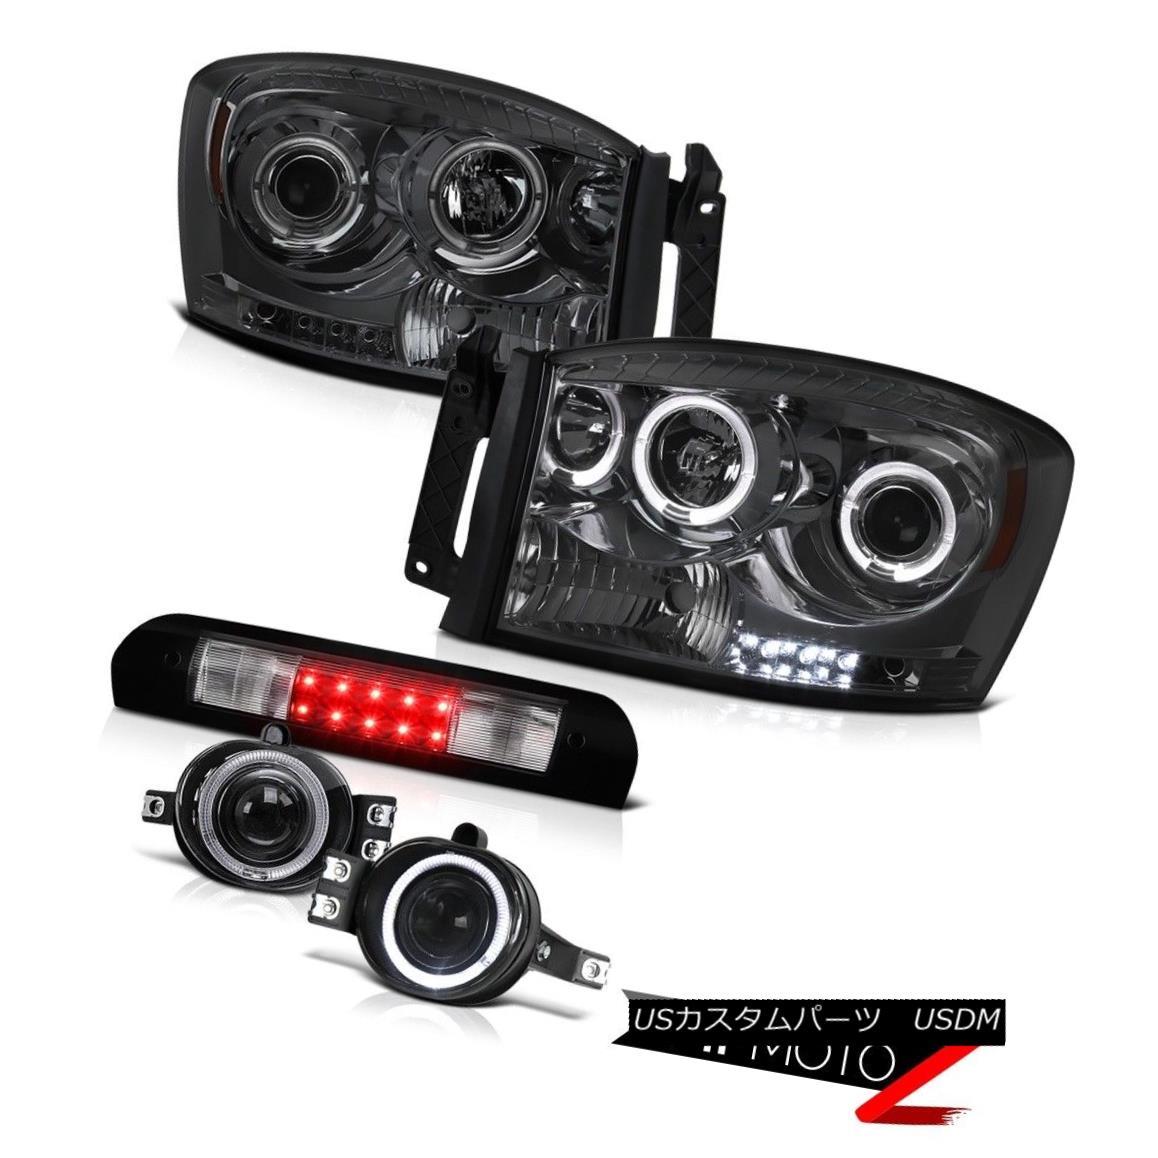 ヘッドライト Dark Halo Projector Headlamp Chrome Fog Roof Stop LED Black 07 08 Dodge Ram 1500 ダークハロープロジェクターヘッドランプクロームフォグルーフストップLEDブラック07 08ドッジラム1500